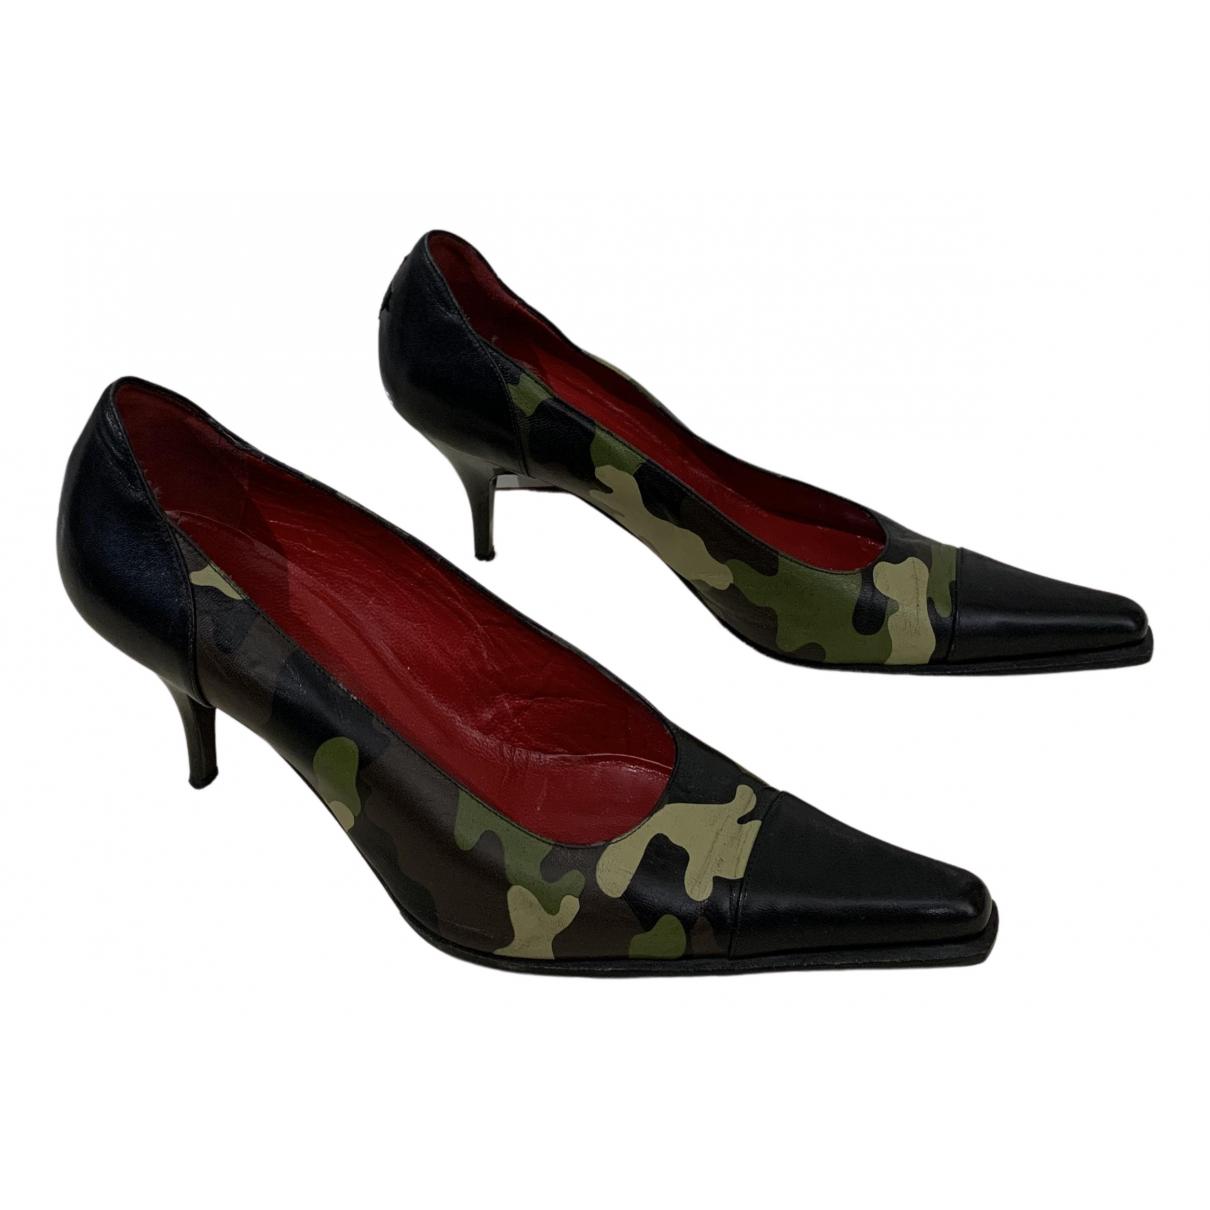 Jc De Castelbajac N Black Leather Heels for Women 38 EU